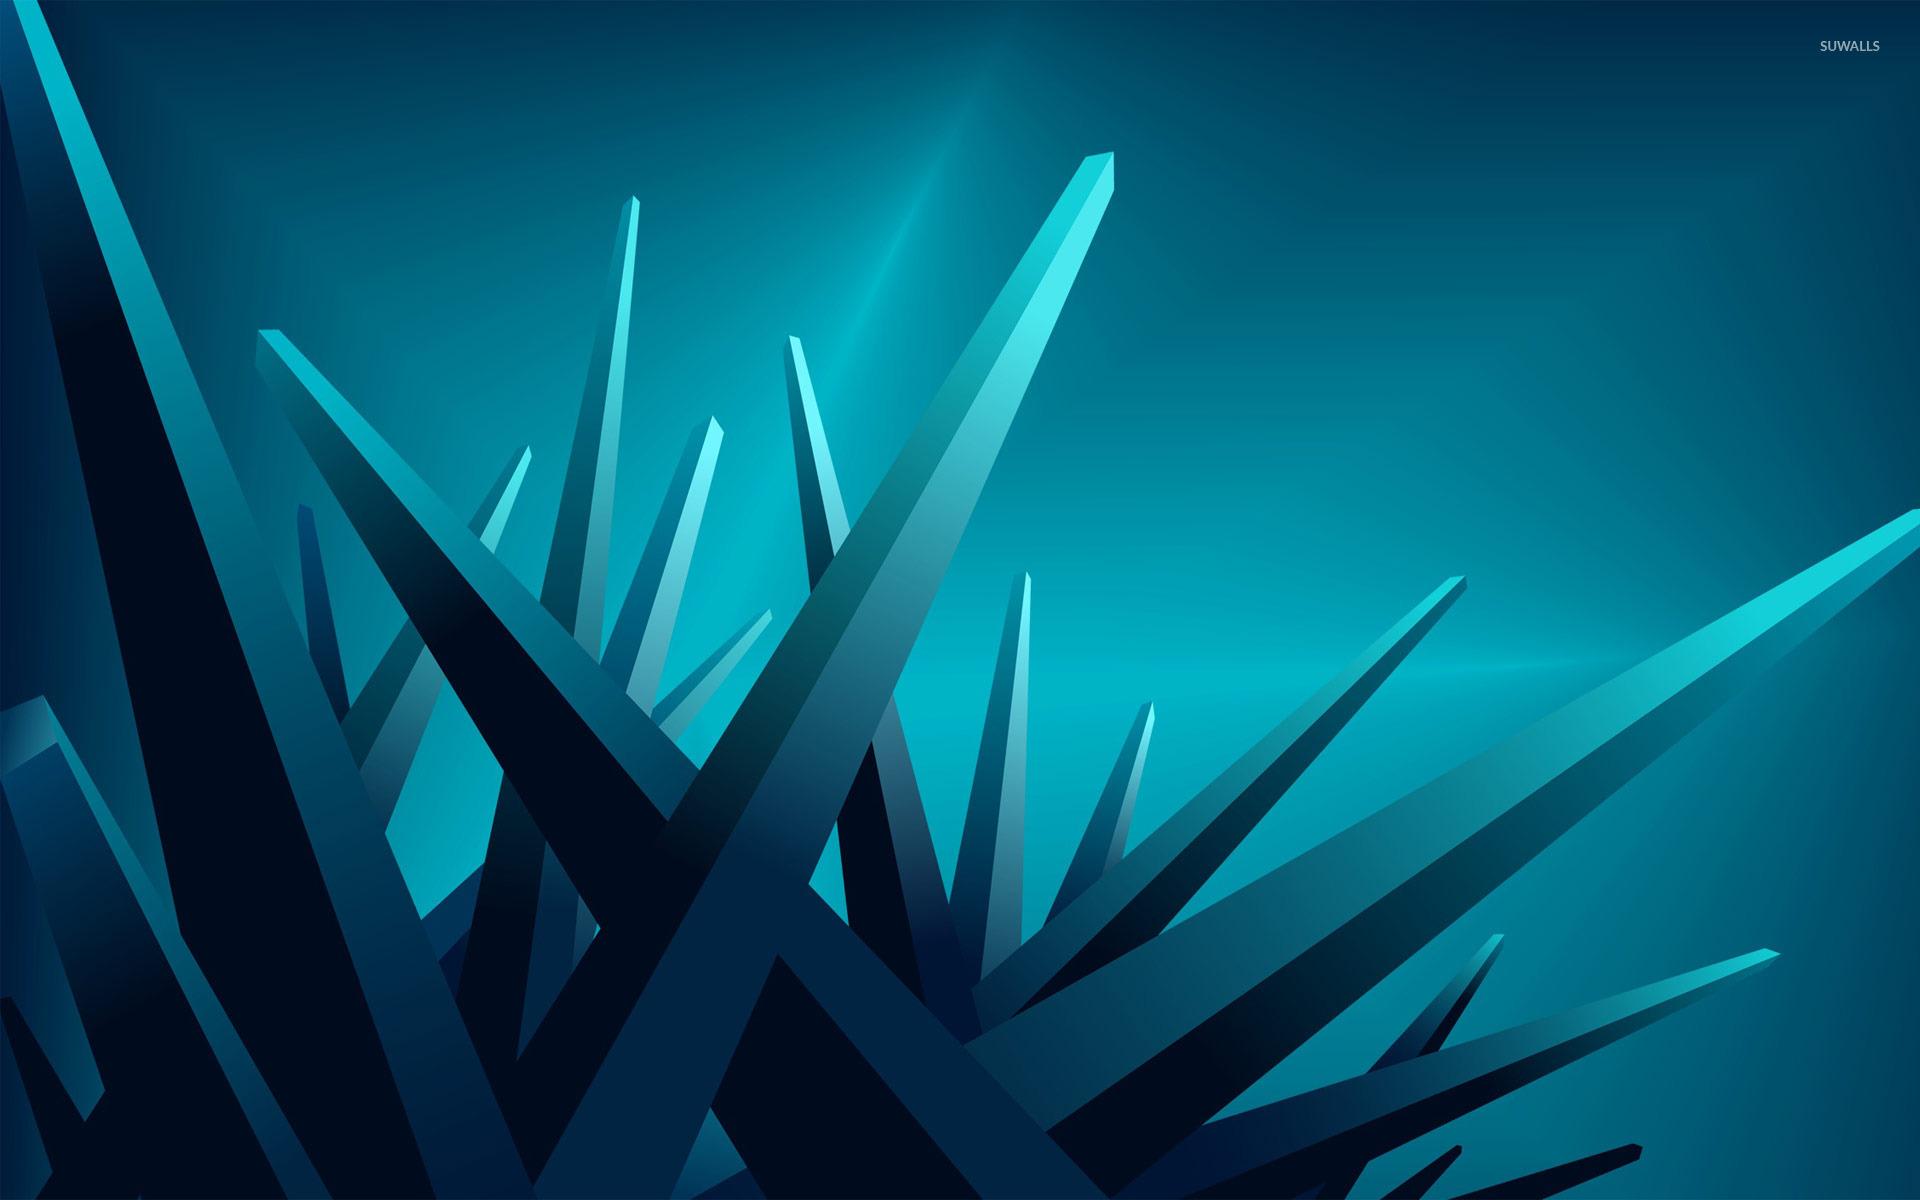 Hd Wallpaper 1920x1080 Black Blue: Blue Crystals Wallpaper